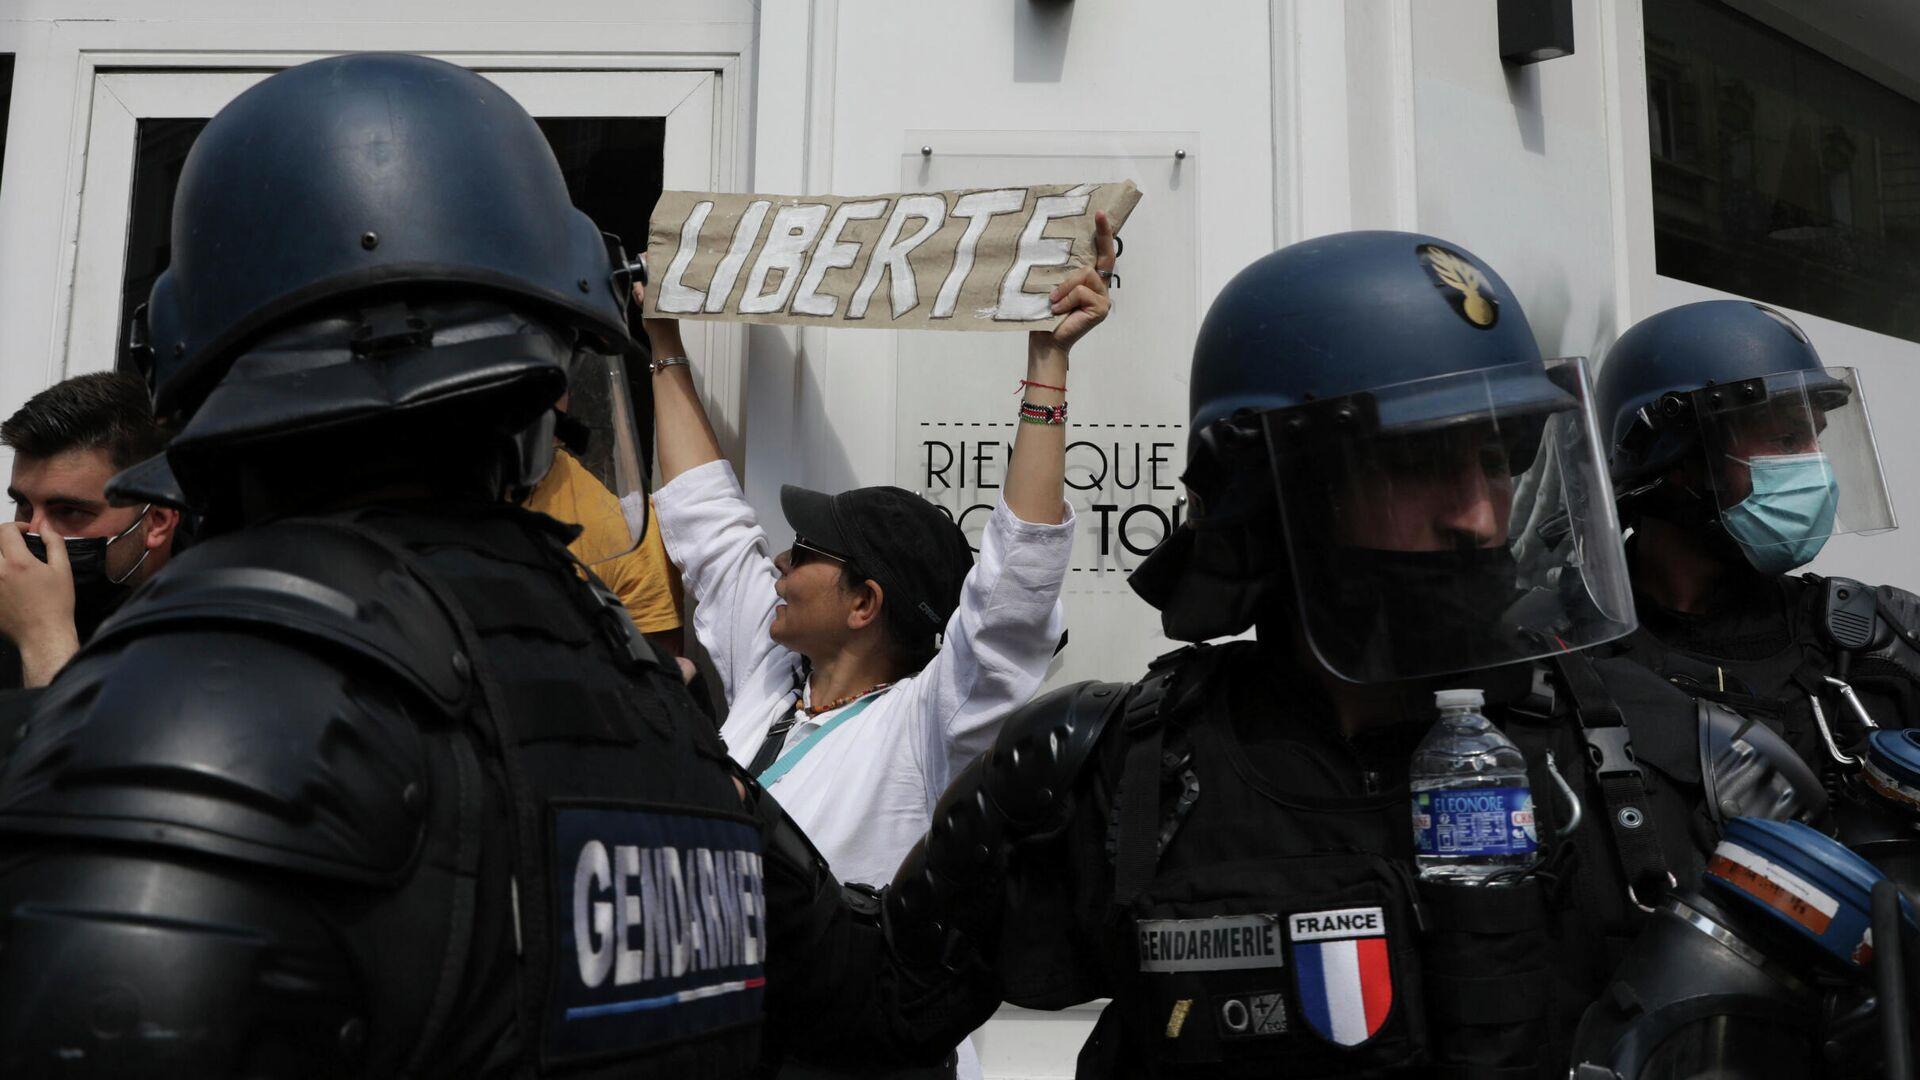 Демонстрация в Париже, Франция - РИА Новости, 1920, 31.07.2021